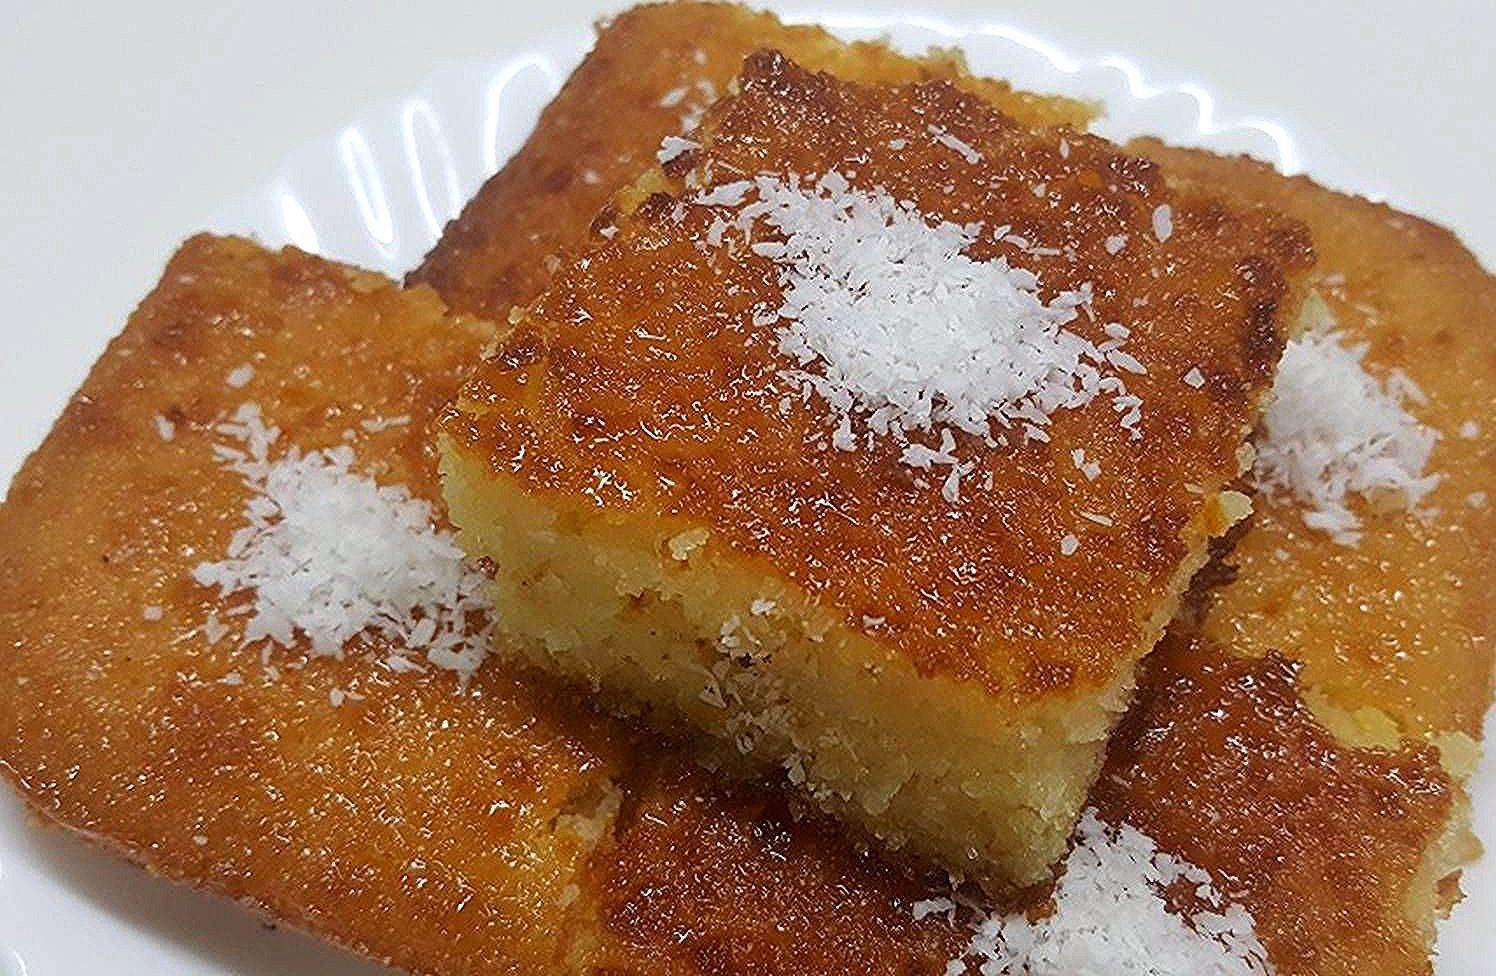 بسيمة او بسبوسة او كيكة جوز الهند بالصور من وصفات أم محمد الوردة البيضاء 1 كوكباد Recipes Food Breakfast